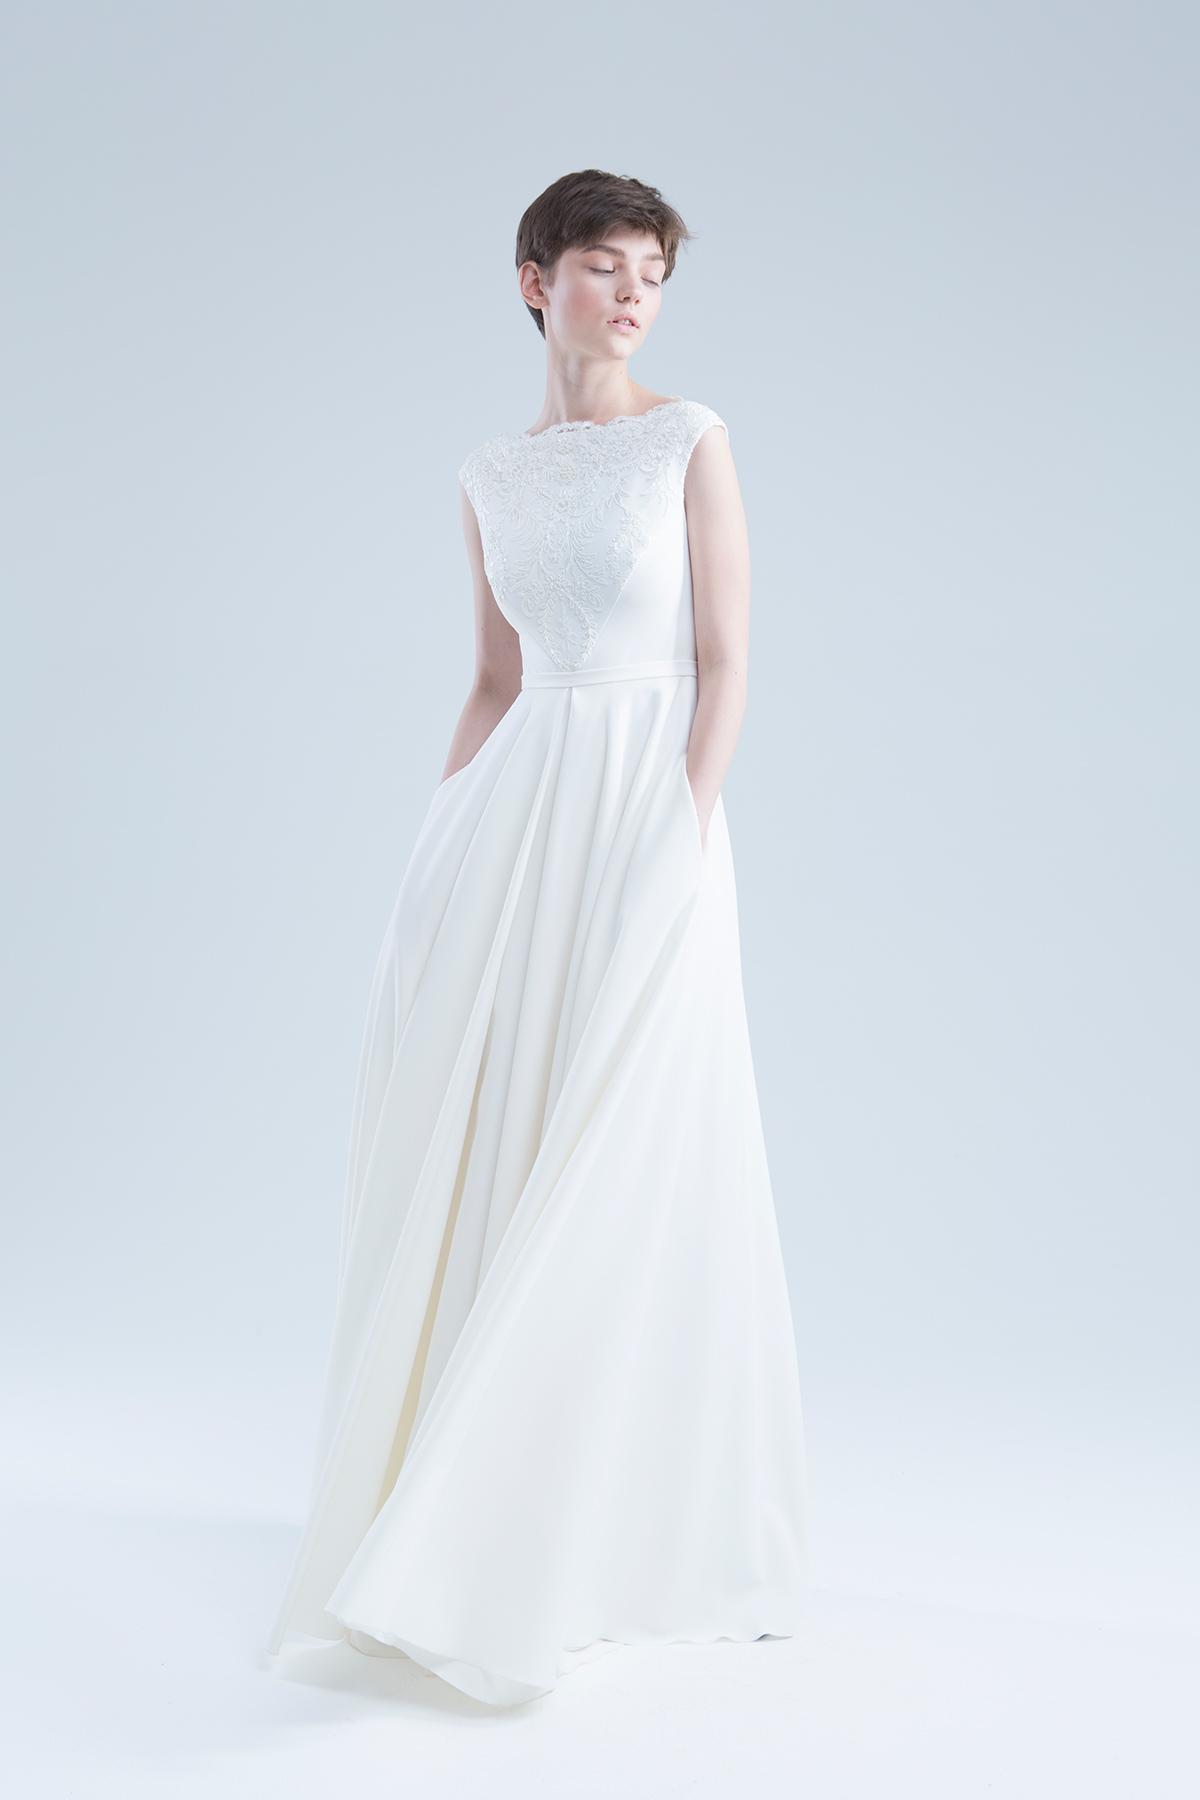 Свадебное платье  анжелия молоко В наличии в Спб